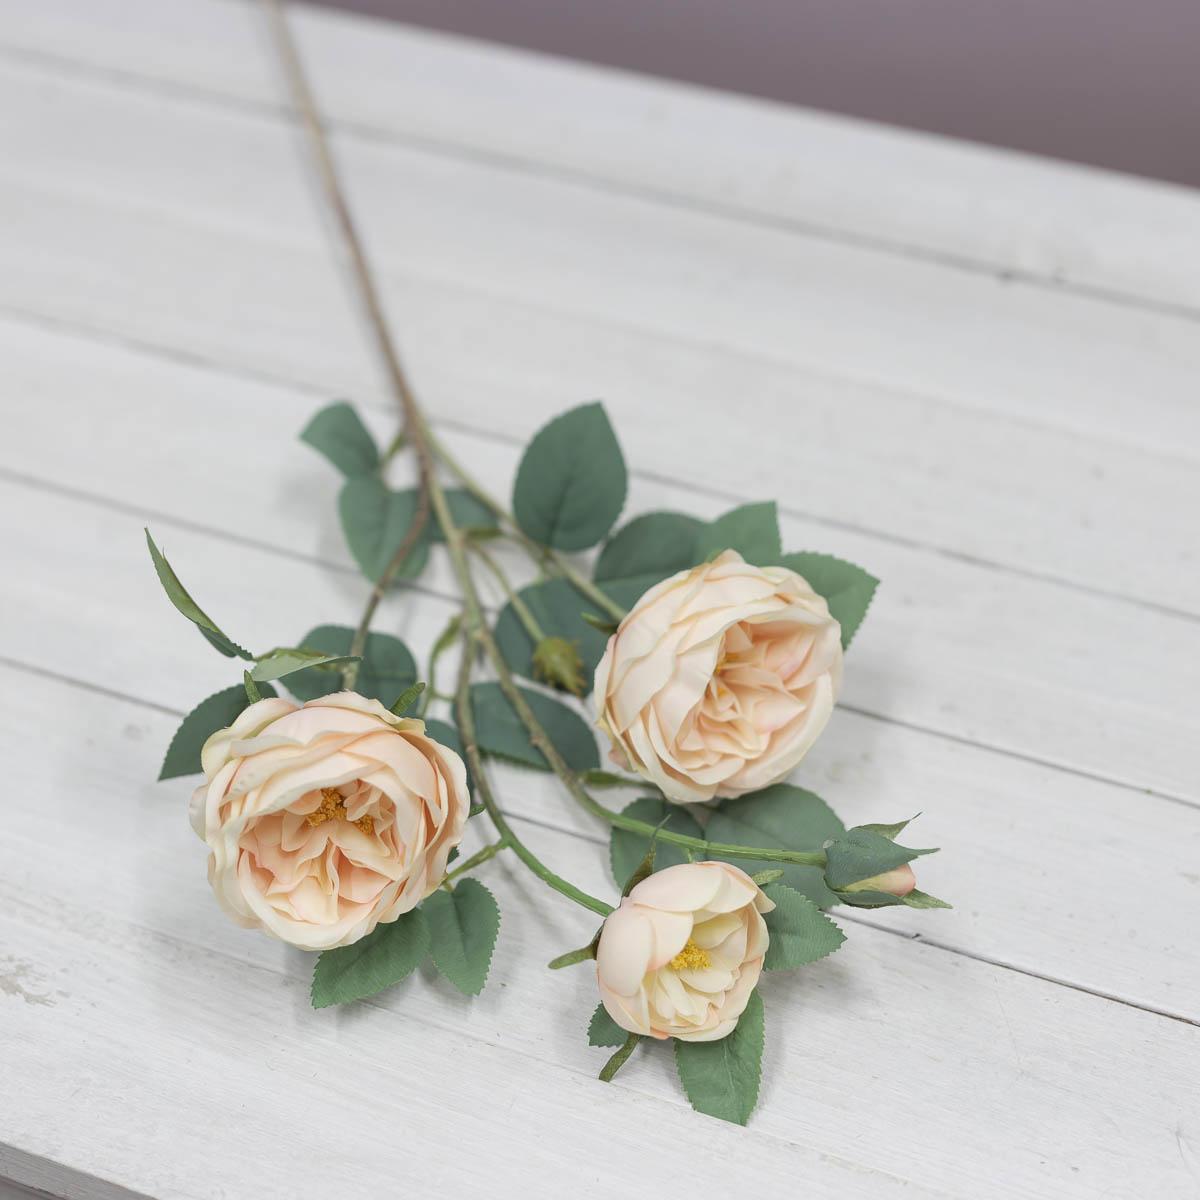 오스틴 줄리엣 장미 꽃 가지 Peach(피치)